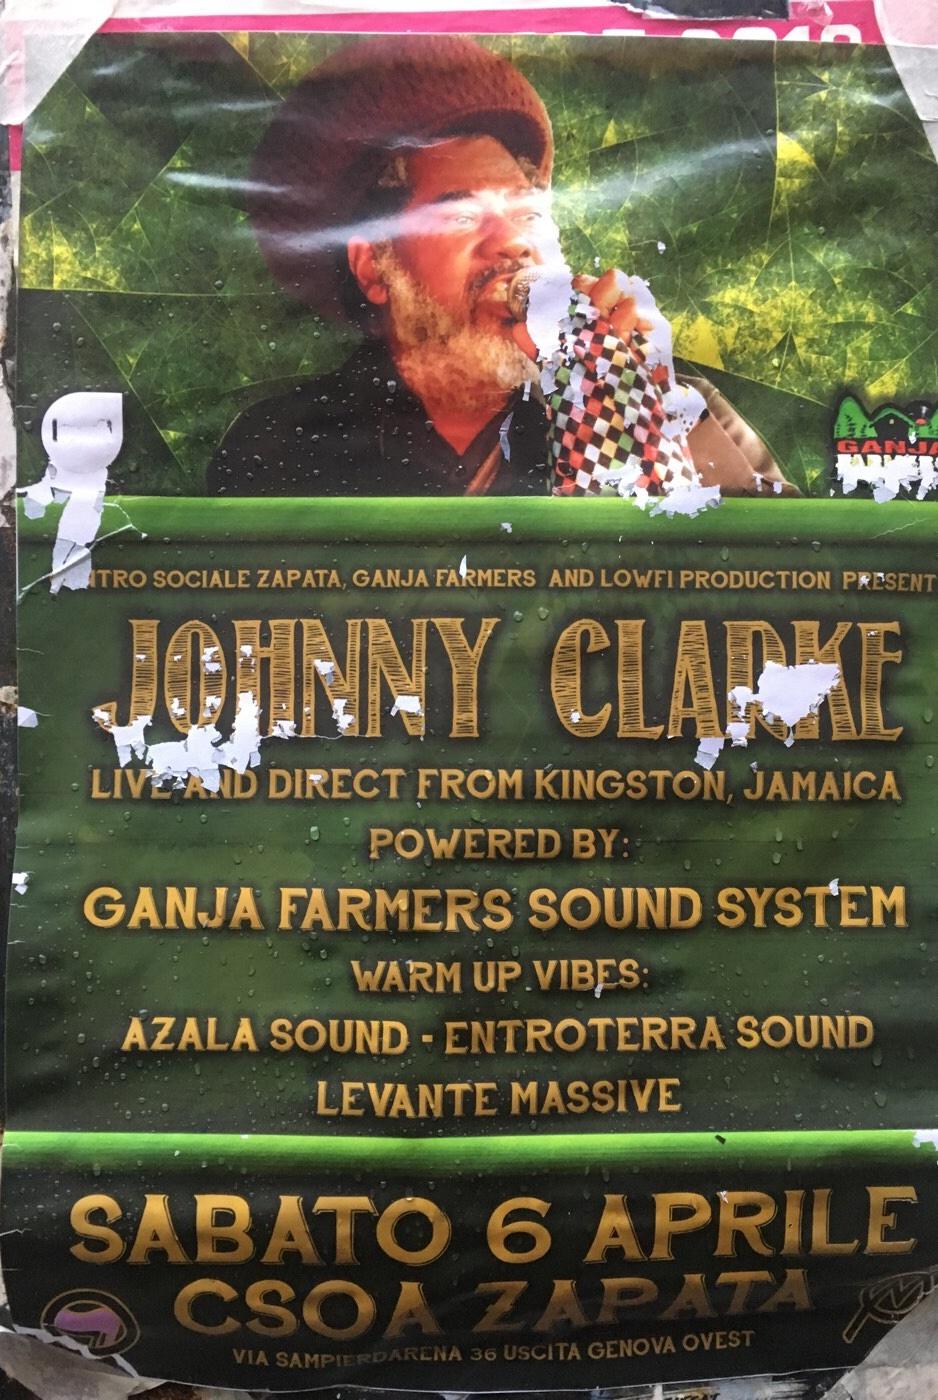 Johnny Clarke CSOA Zapata Via San Pier d'Arena 36, 16151 Genova Dal 06/04/2019 Al 06/04/2019 22:00 - 01:00